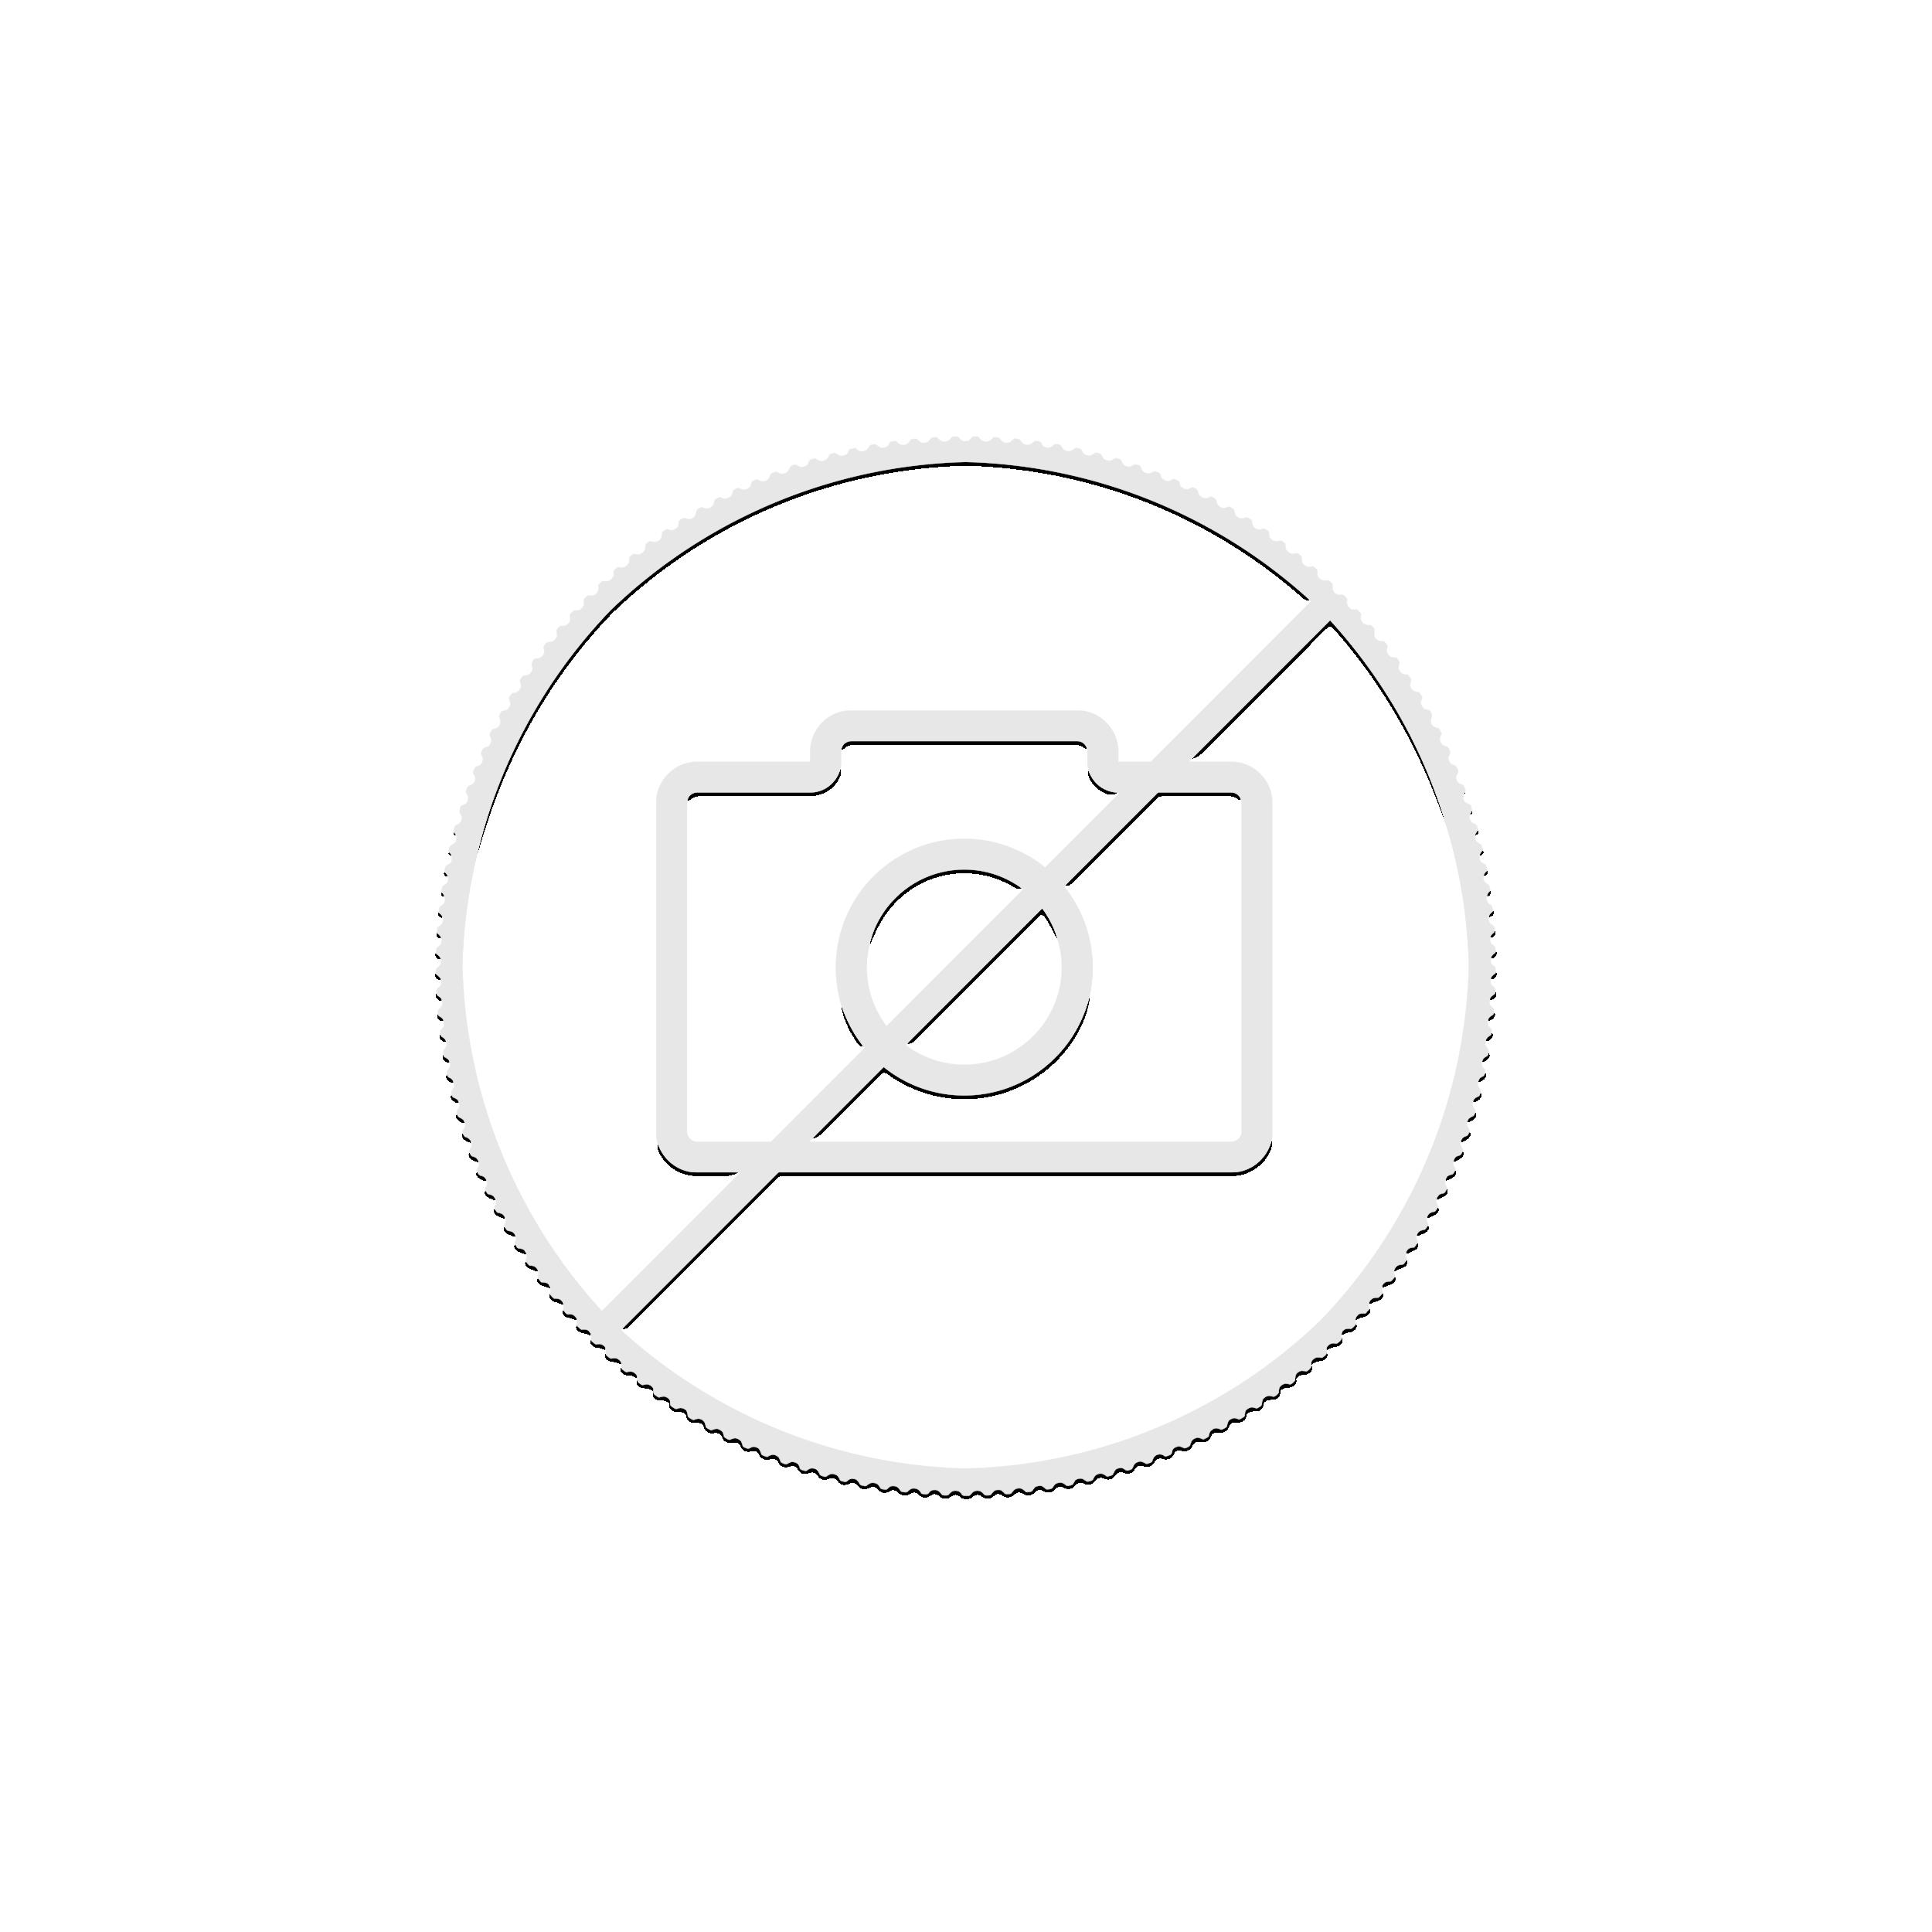 1 Ounce silver coin wedding 2020 - front